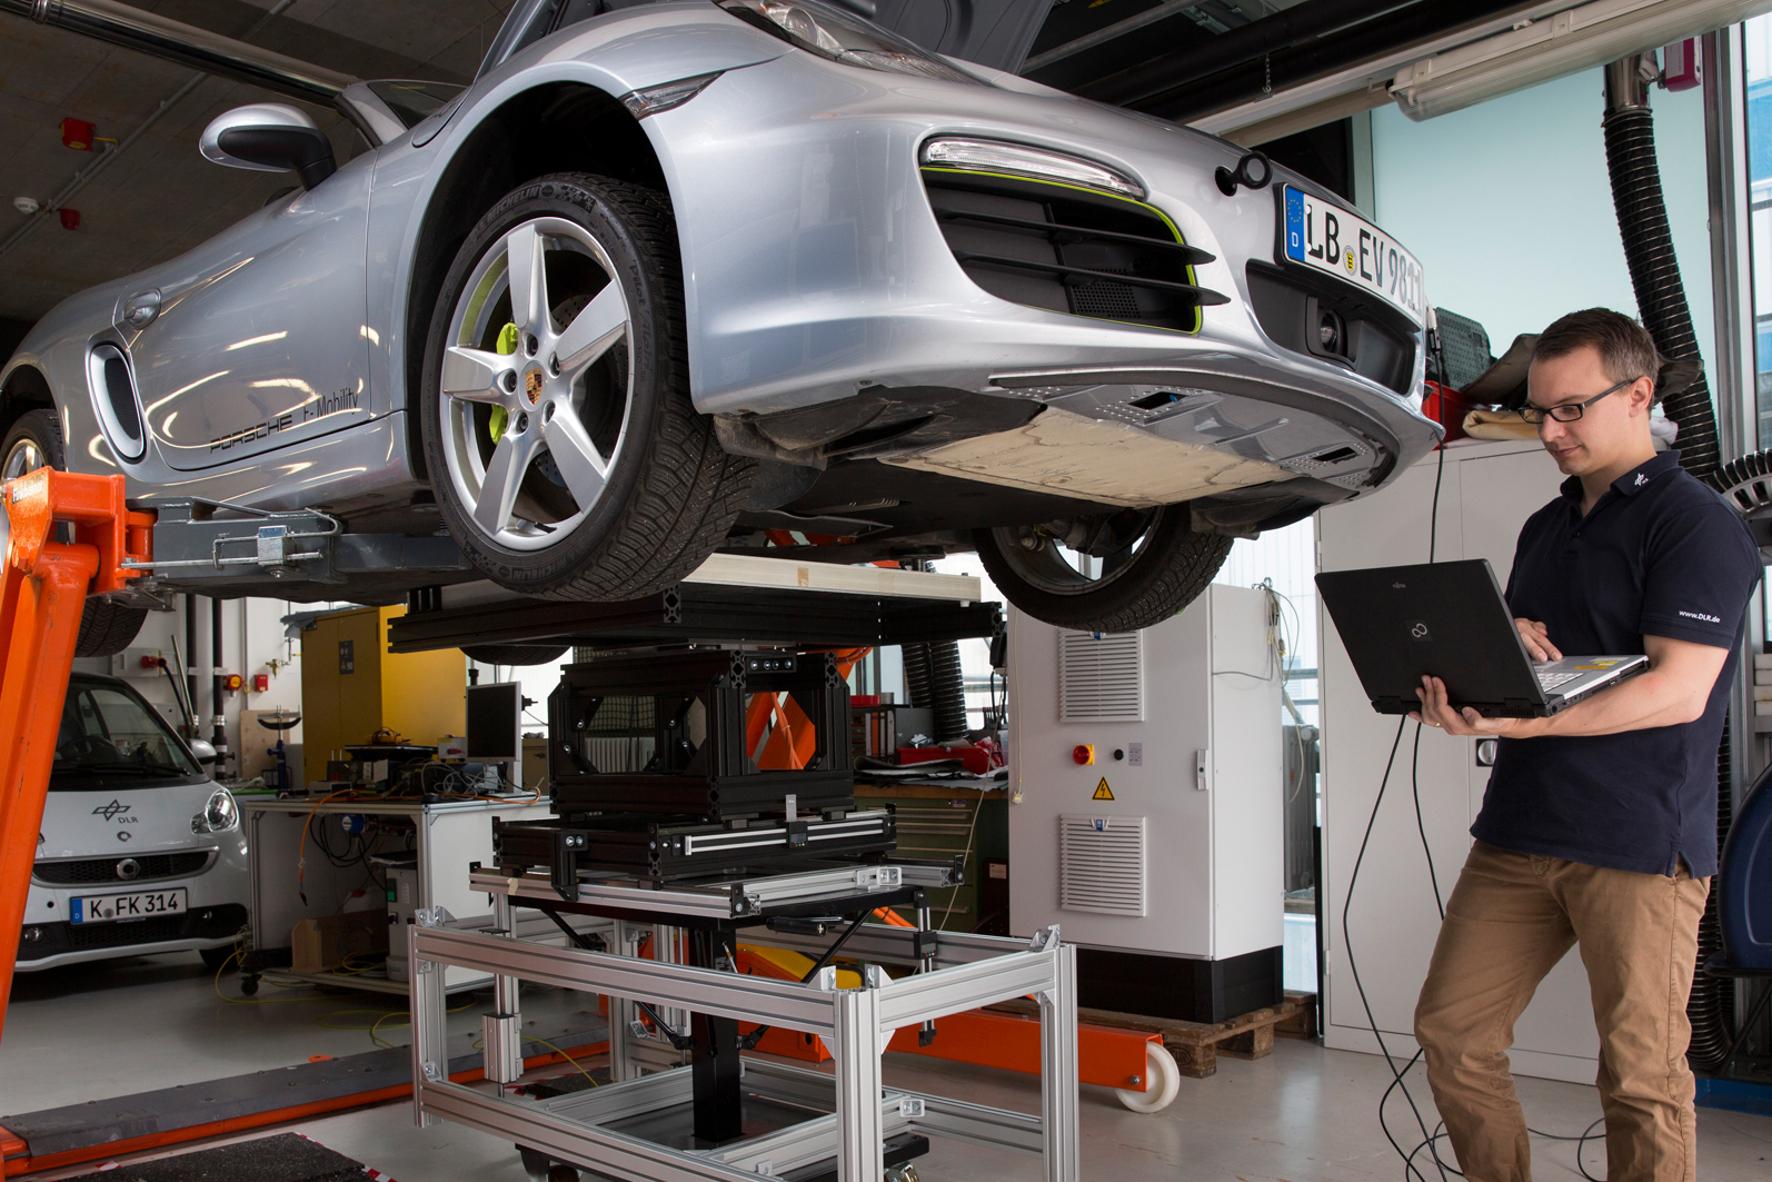 Induktives Laden von Elektrofahrzeugen wird erforscht